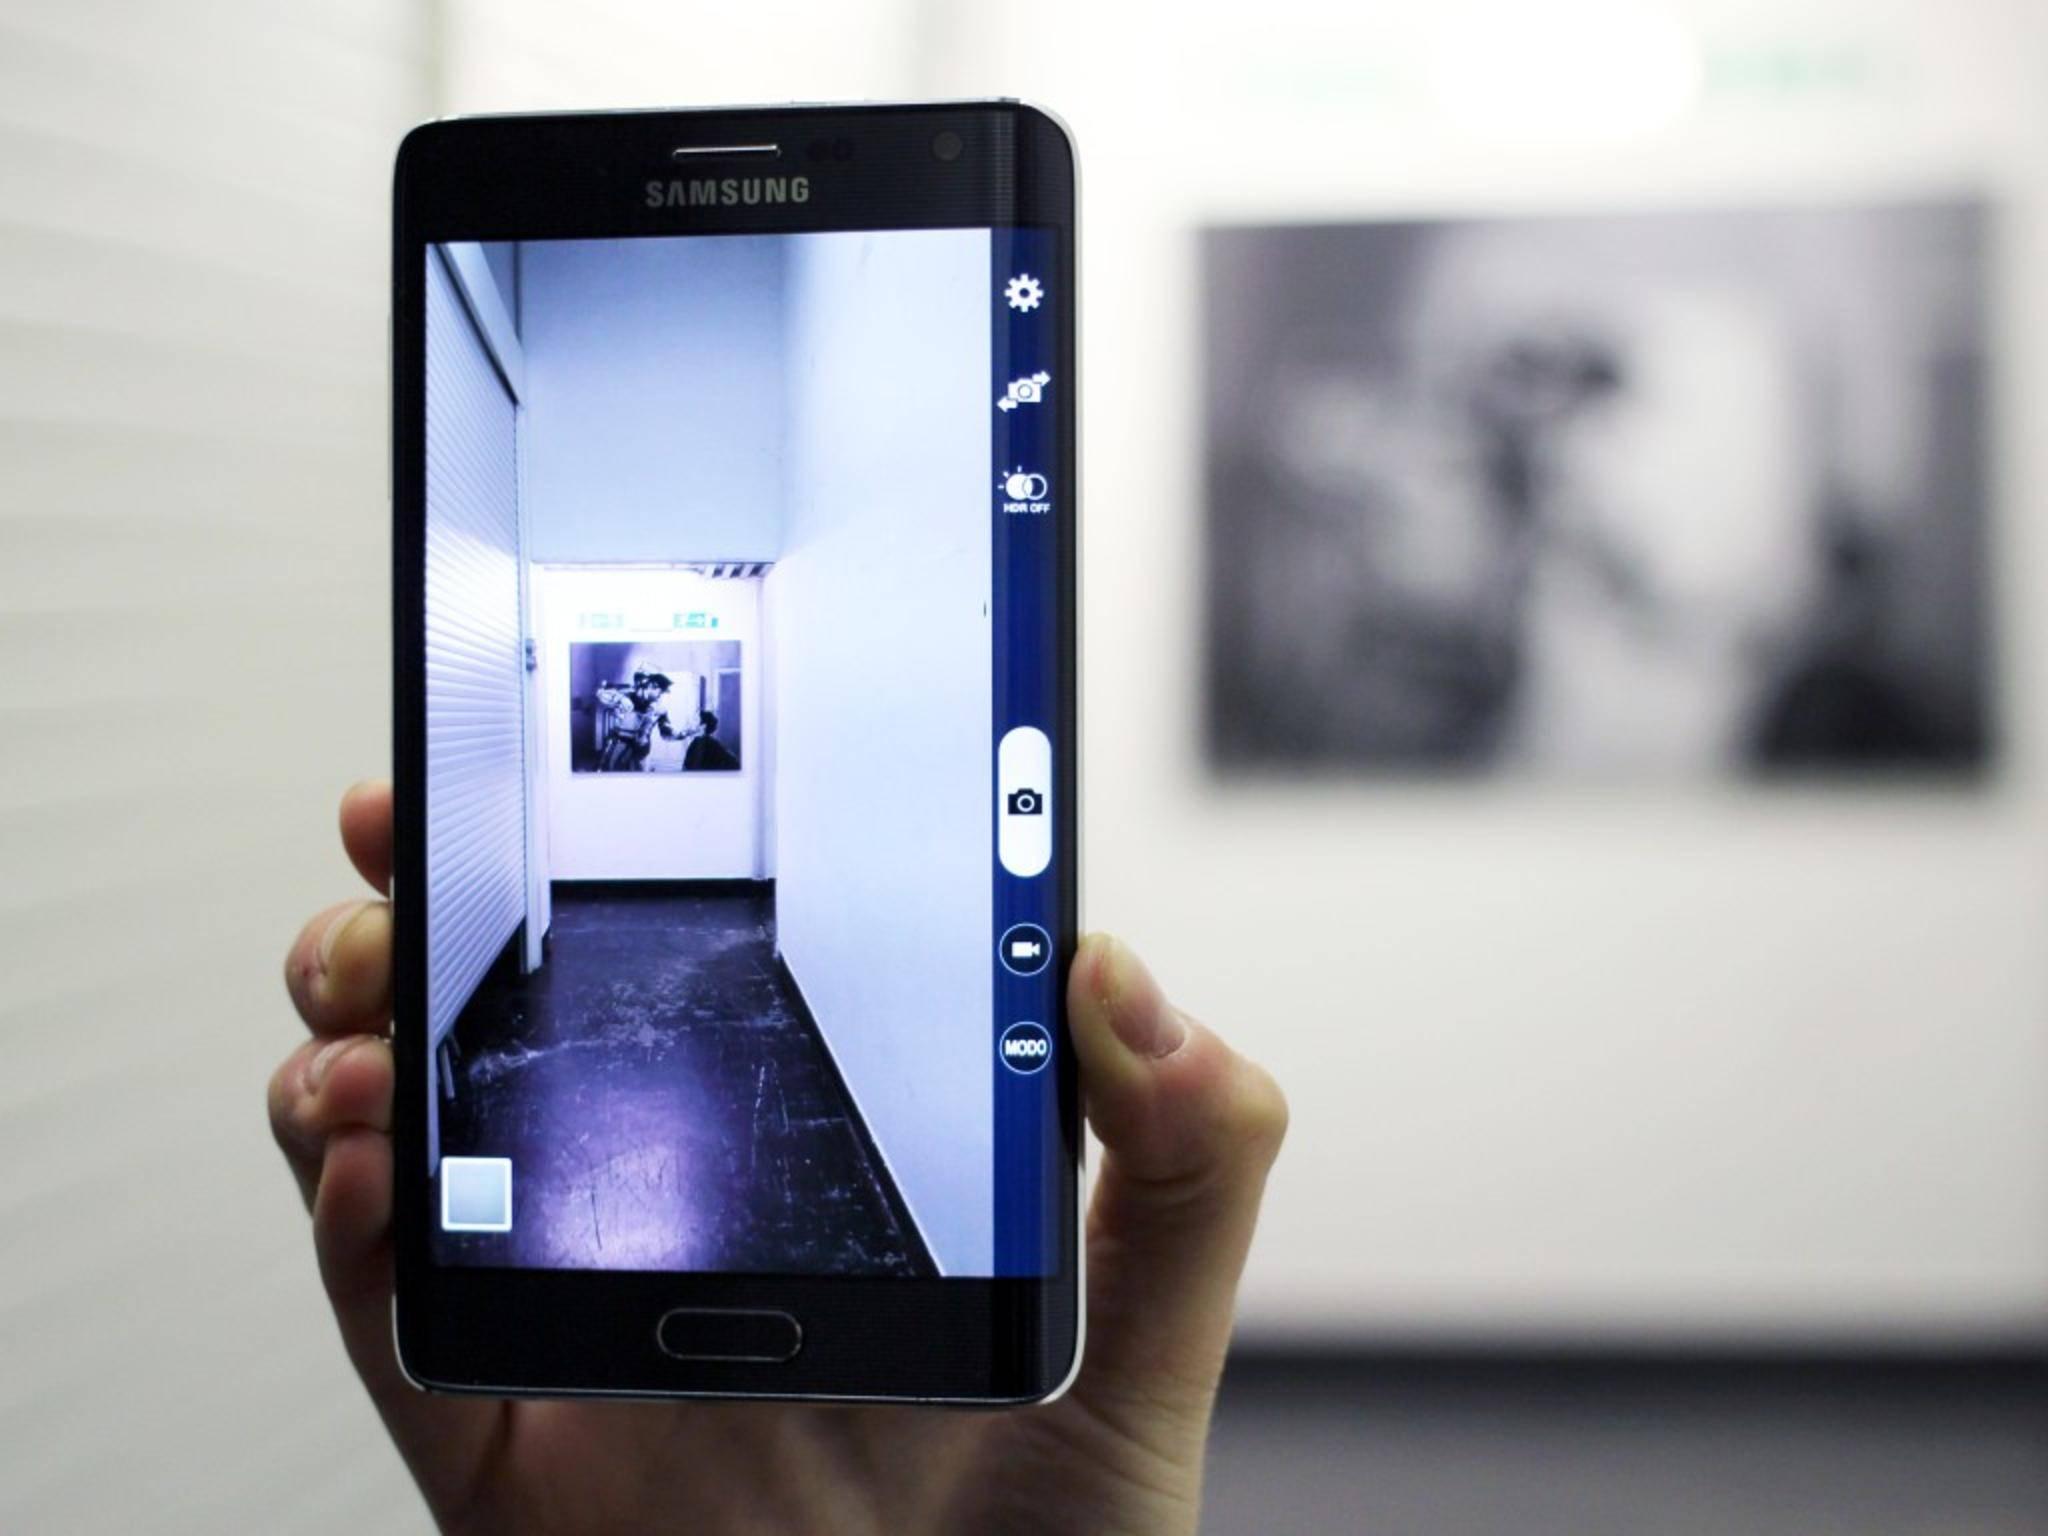 Nicht eines, sondern angeblich gleich zwei seitliche Displays soll das Galaxy S6 Edge bekommen.